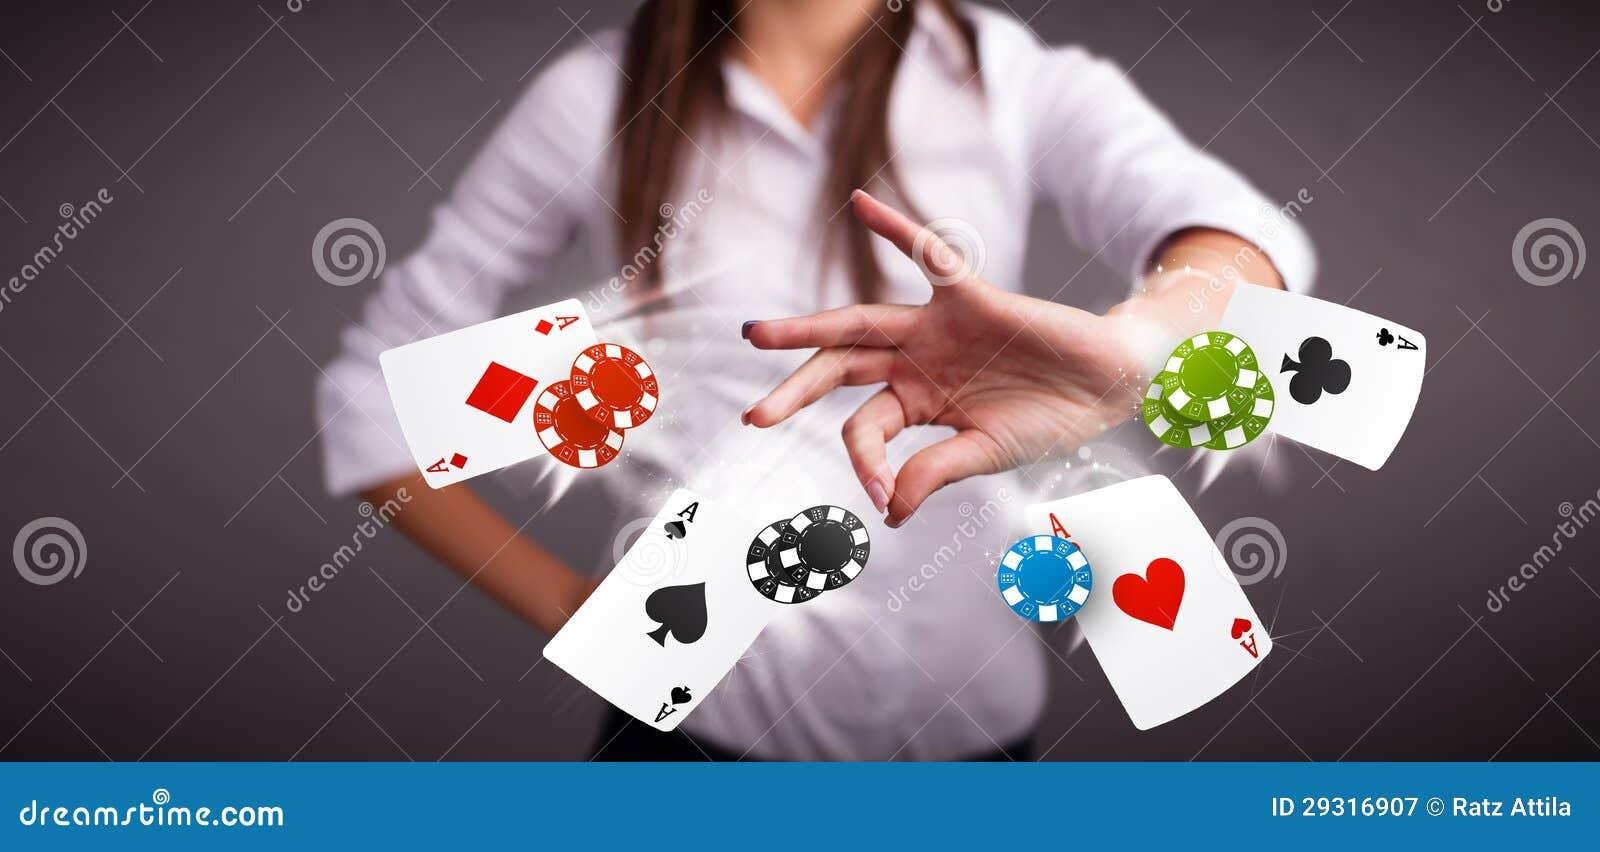 Den unga kvinnan som leker med poker, cards och gå i flisor